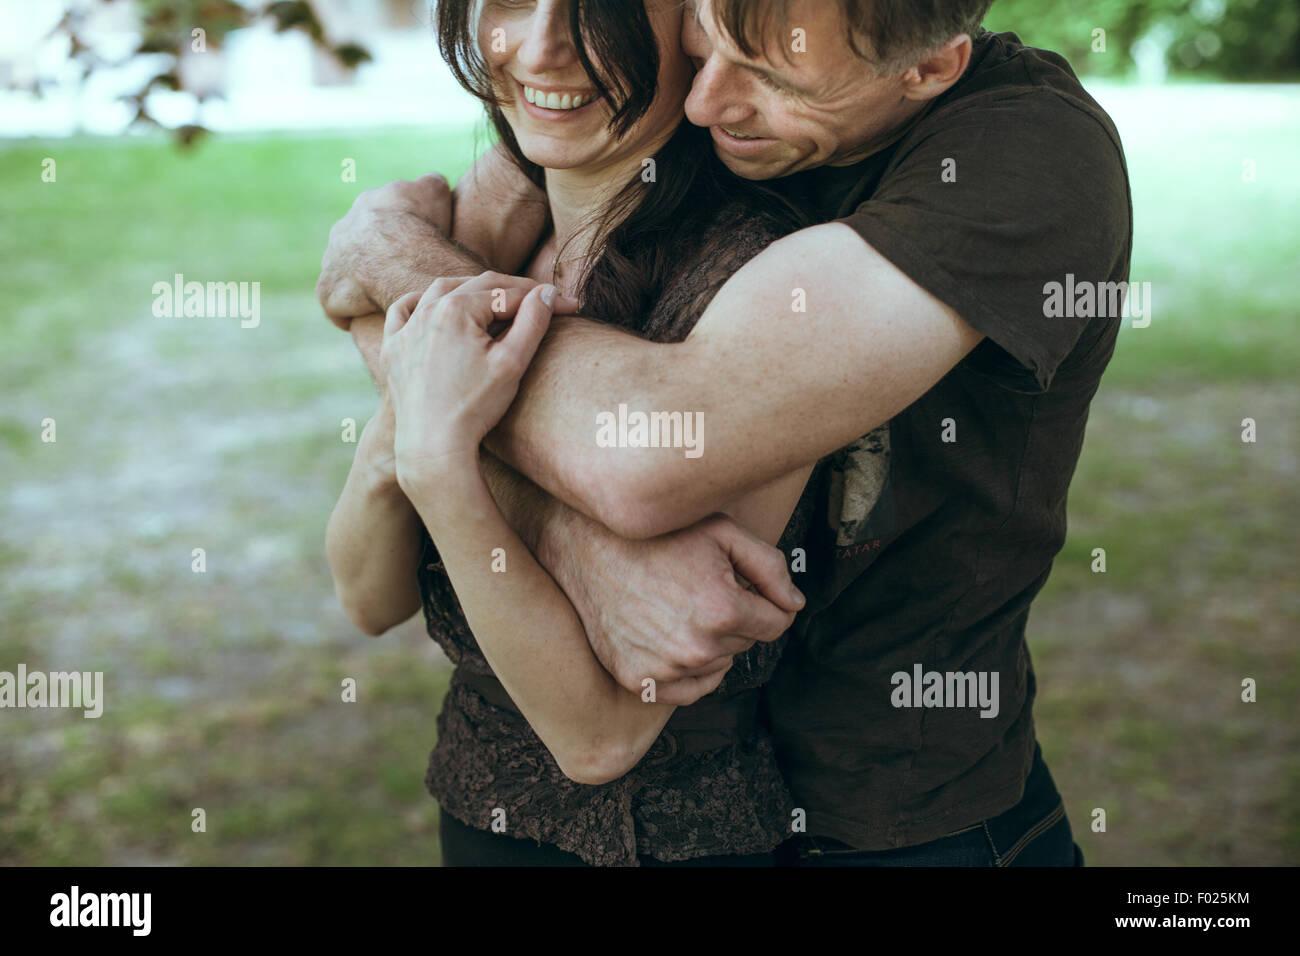 Uomo maturo abbracciando donne mature da dietro Immagini Stock